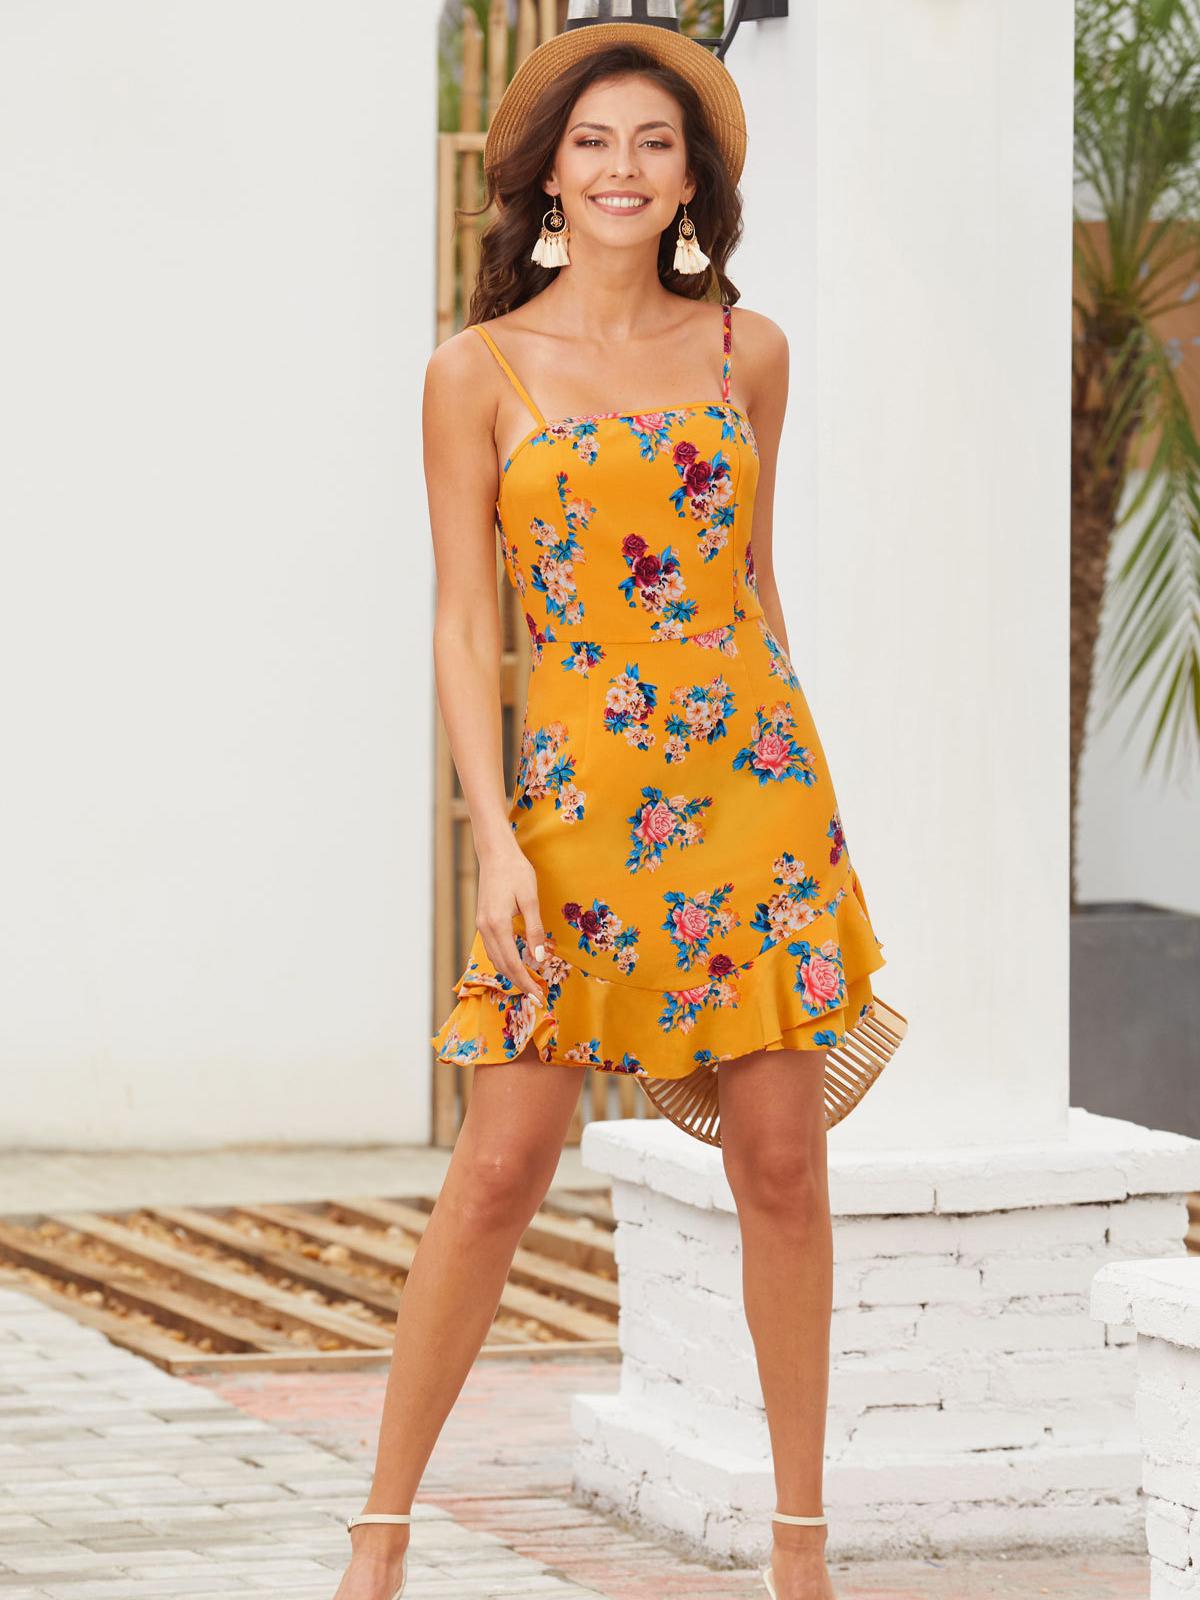 Perky Ruffled Casual Dress